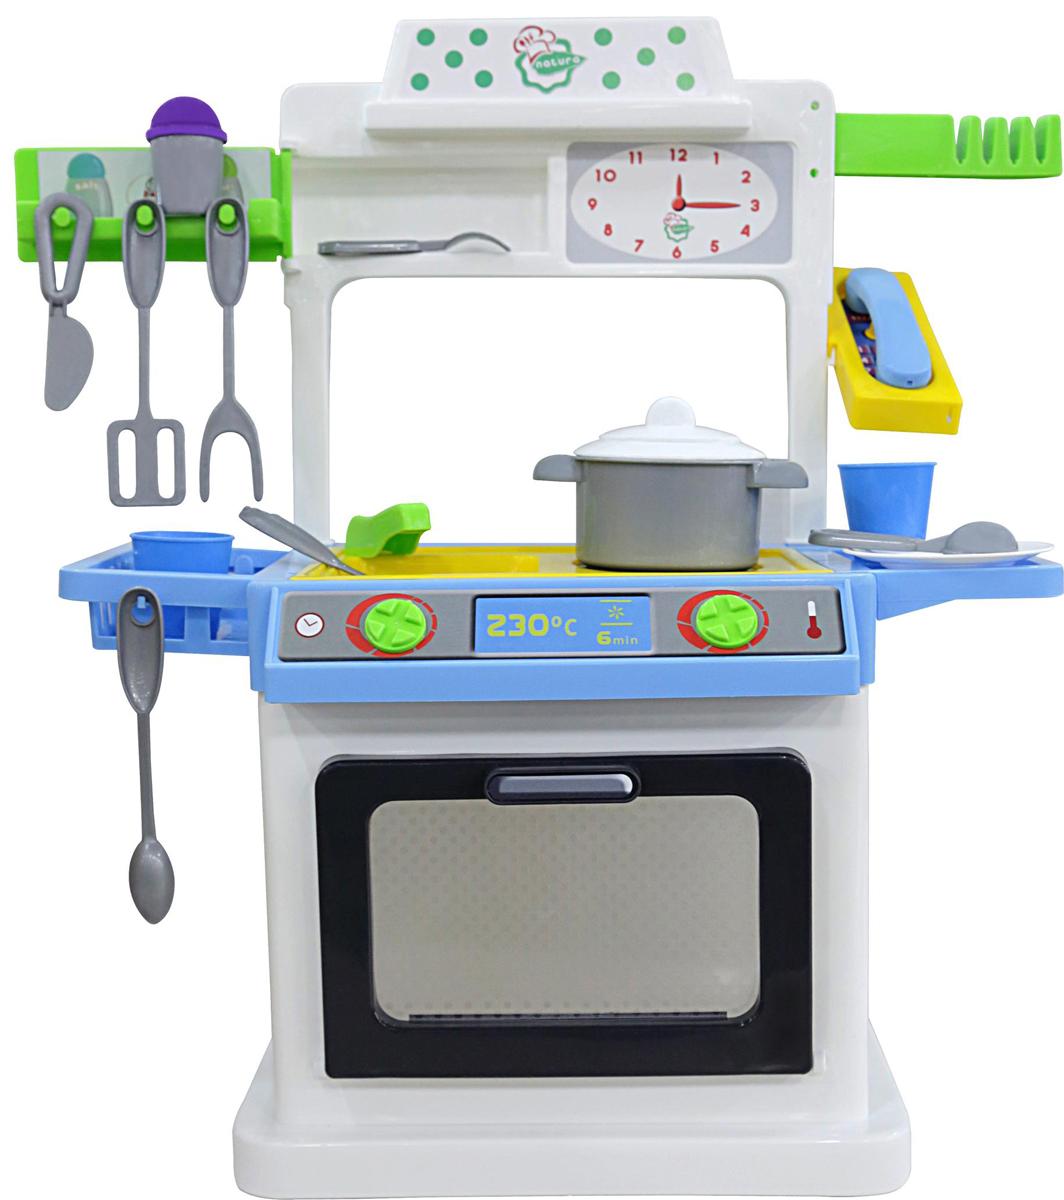 Полесье Игровой набор Natali №4 кухонные девайсы patricia набор 6пр зеленый миска 2 шт поильник крышка ложка вилка